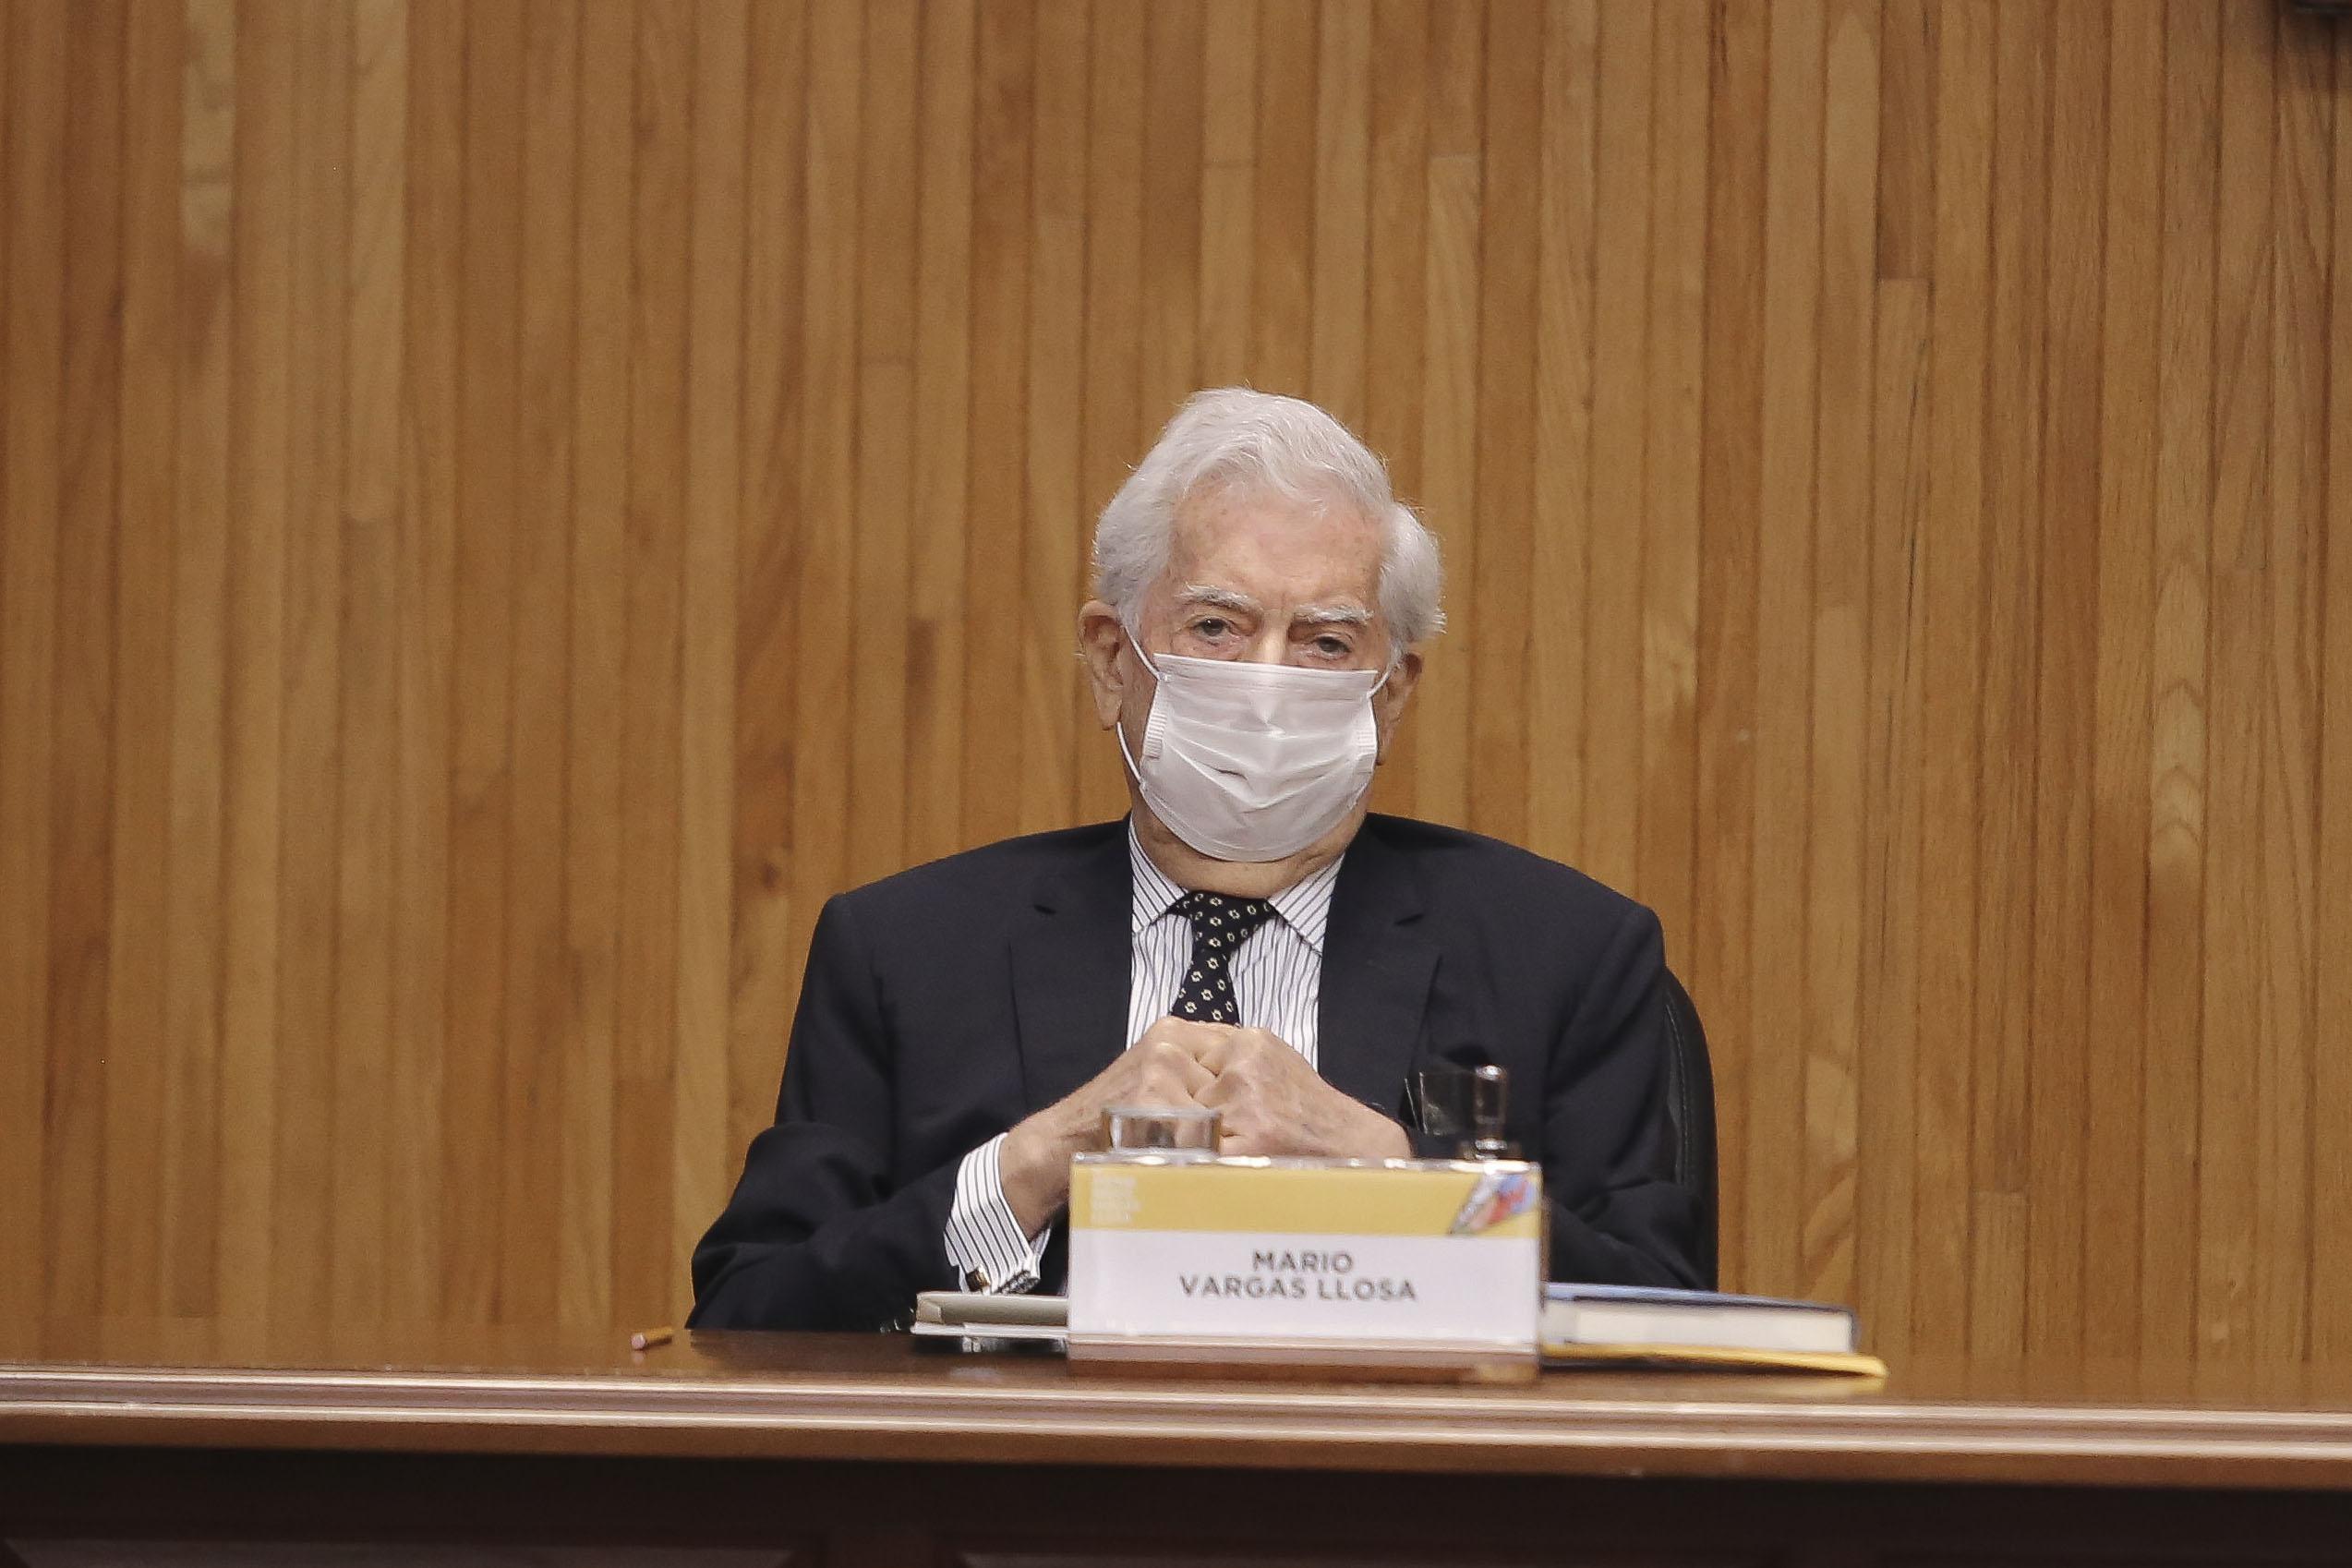 """Mario Vargas Llosa inauguró el foro """"Los desafíos de la libertad de expresión, hoy"""", en el Paraninfo de la UdeG"""